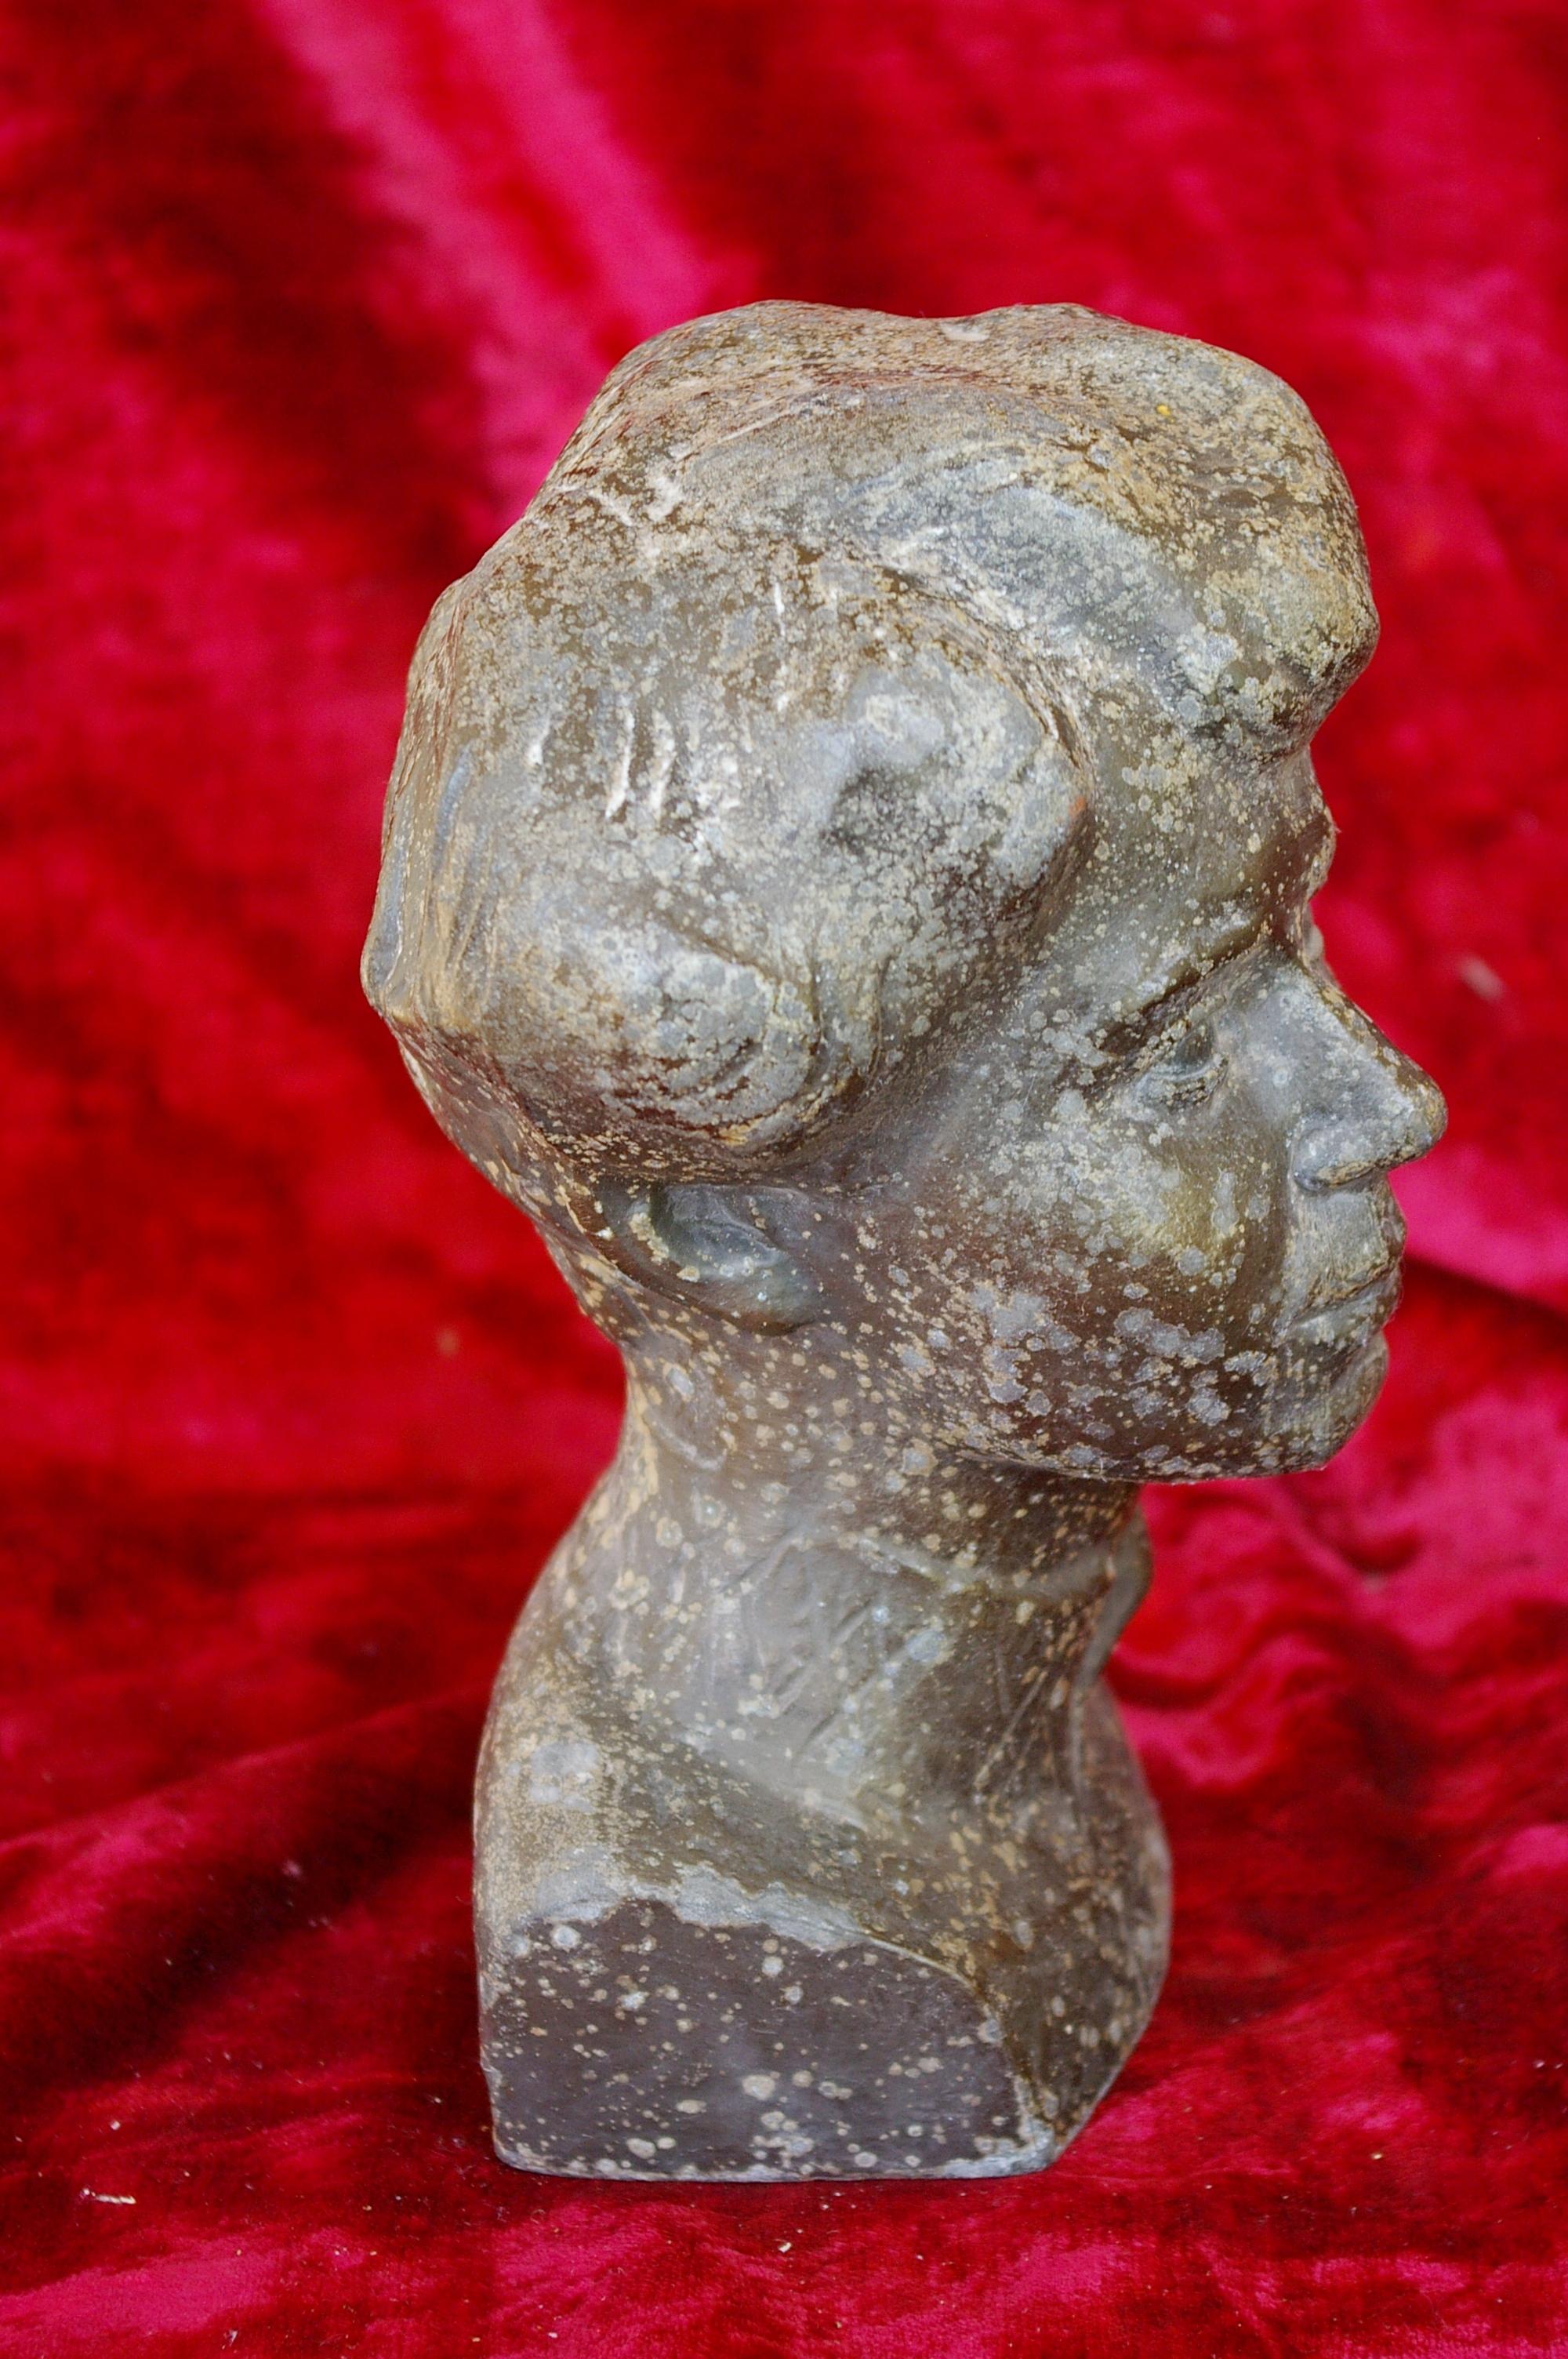 Скульптура Есенин, материал метал, высота 21 см., ширина 10 см., длина 6 см. - 3